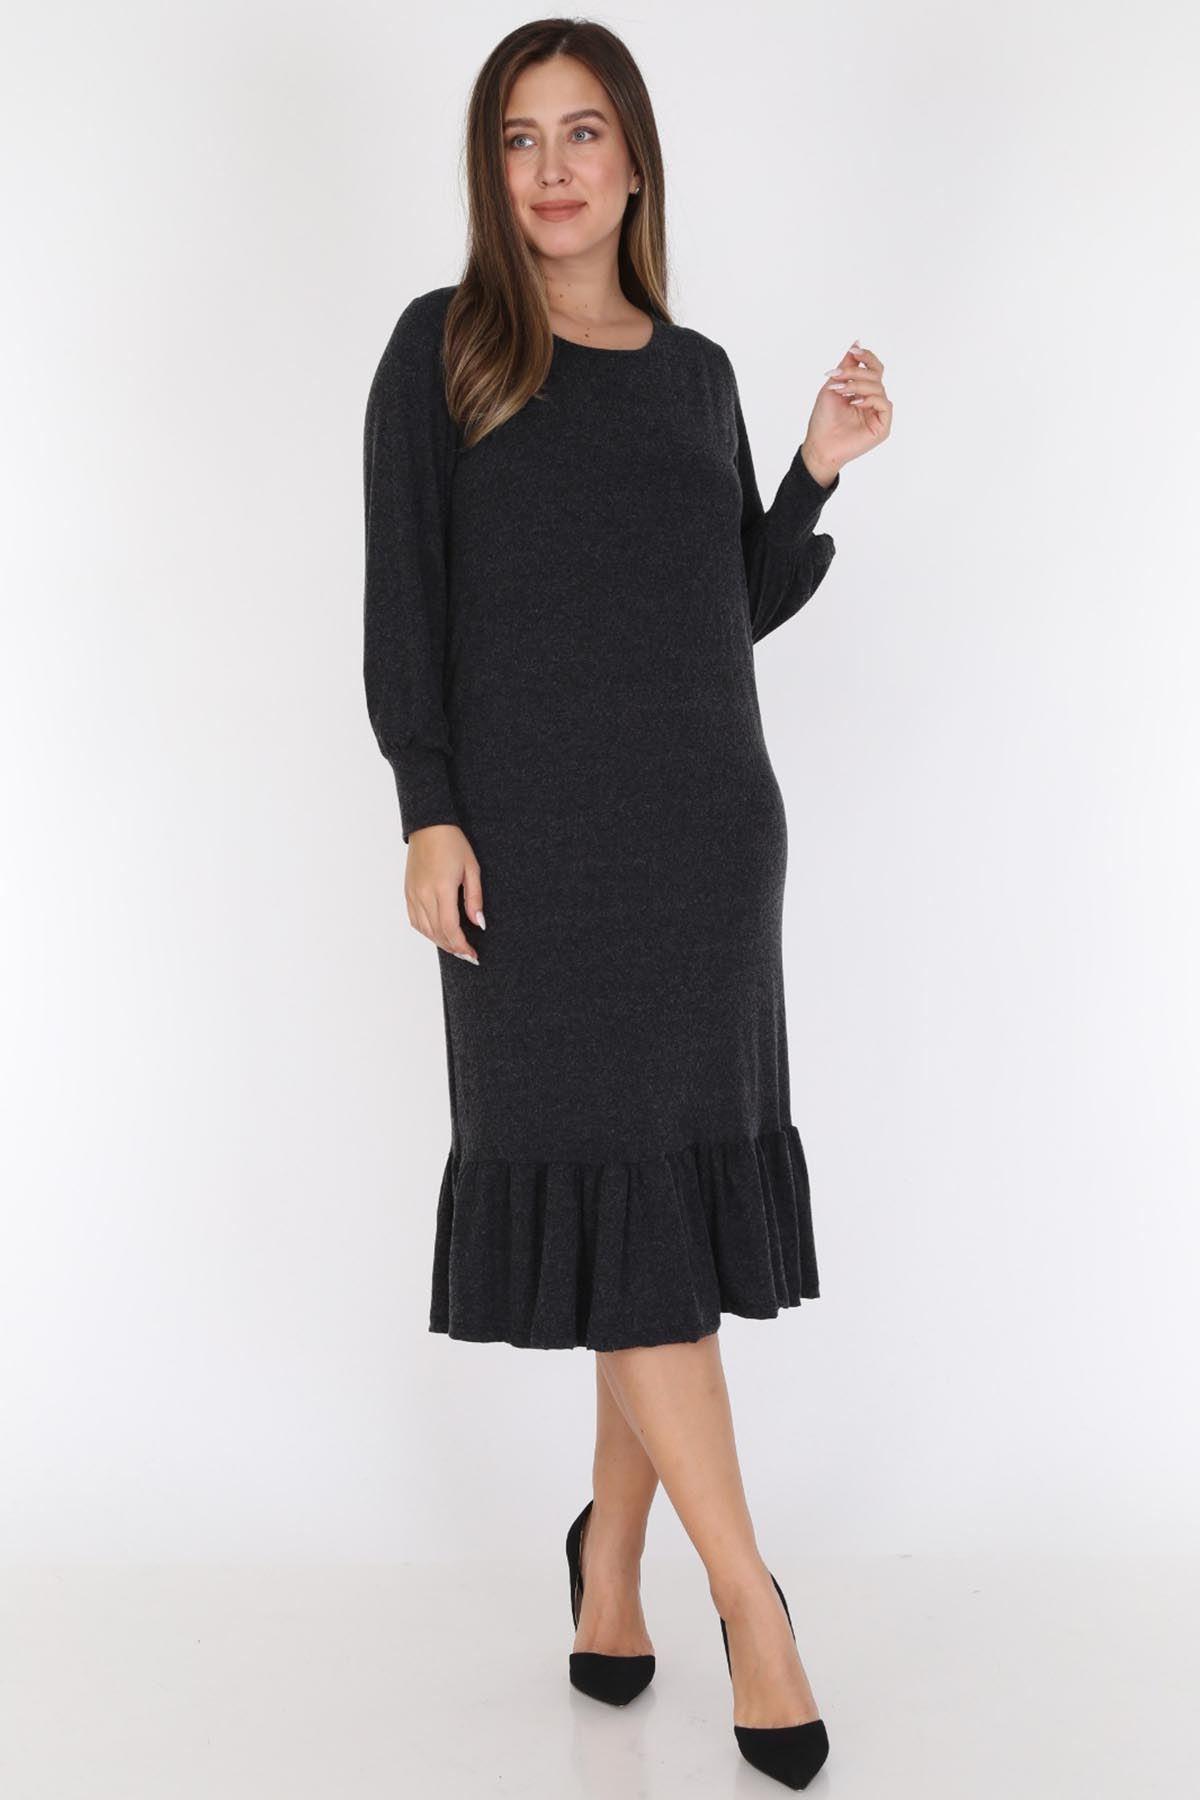 Siyah Eteği Fırfırlı Büyük Beden Elbise 20D-0783